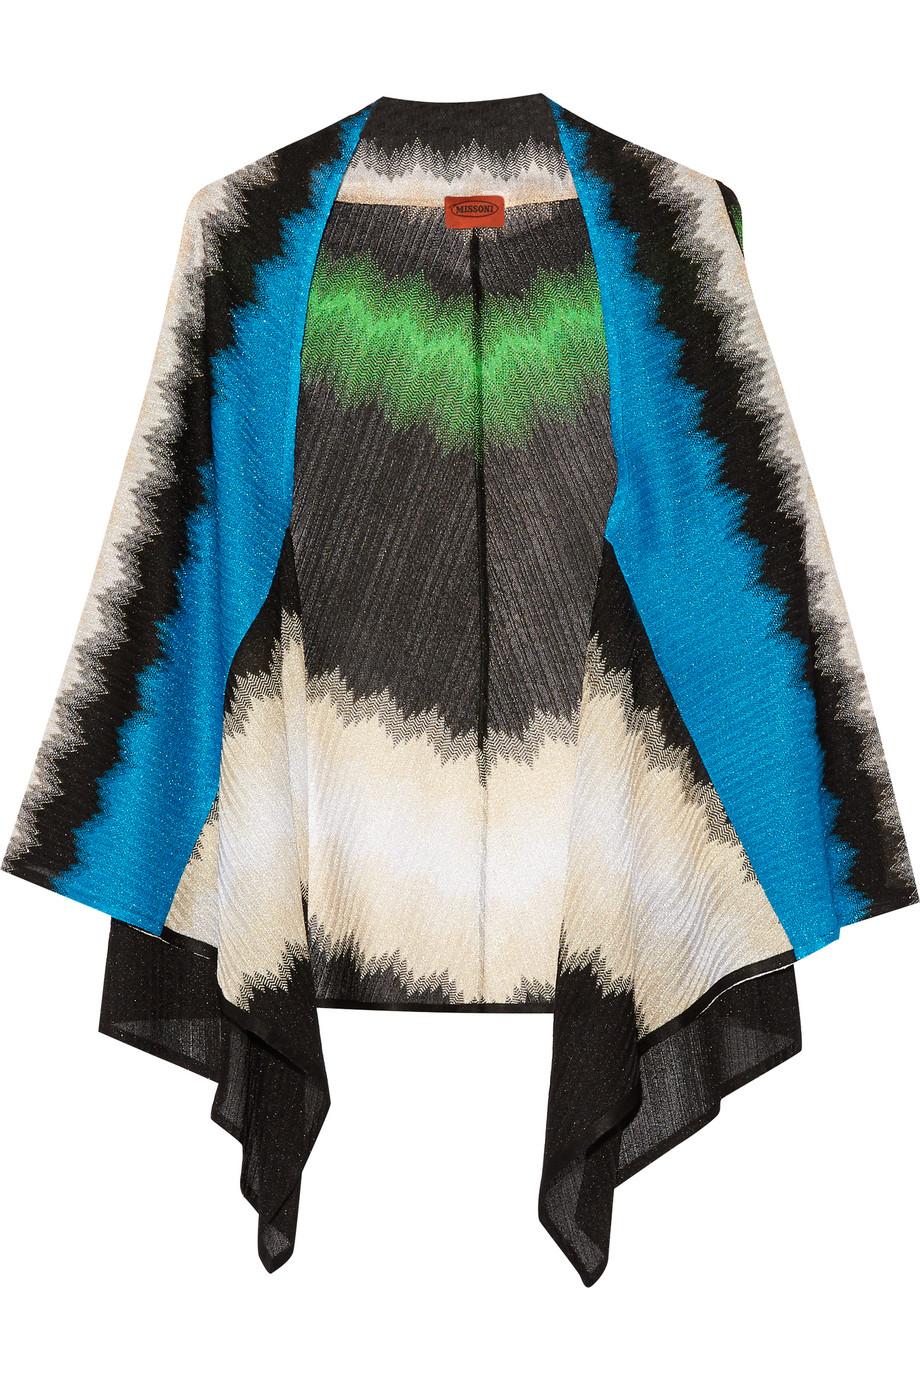 Missoni Metallic Crochet-Knit Wrap, Green/Blue, Women's